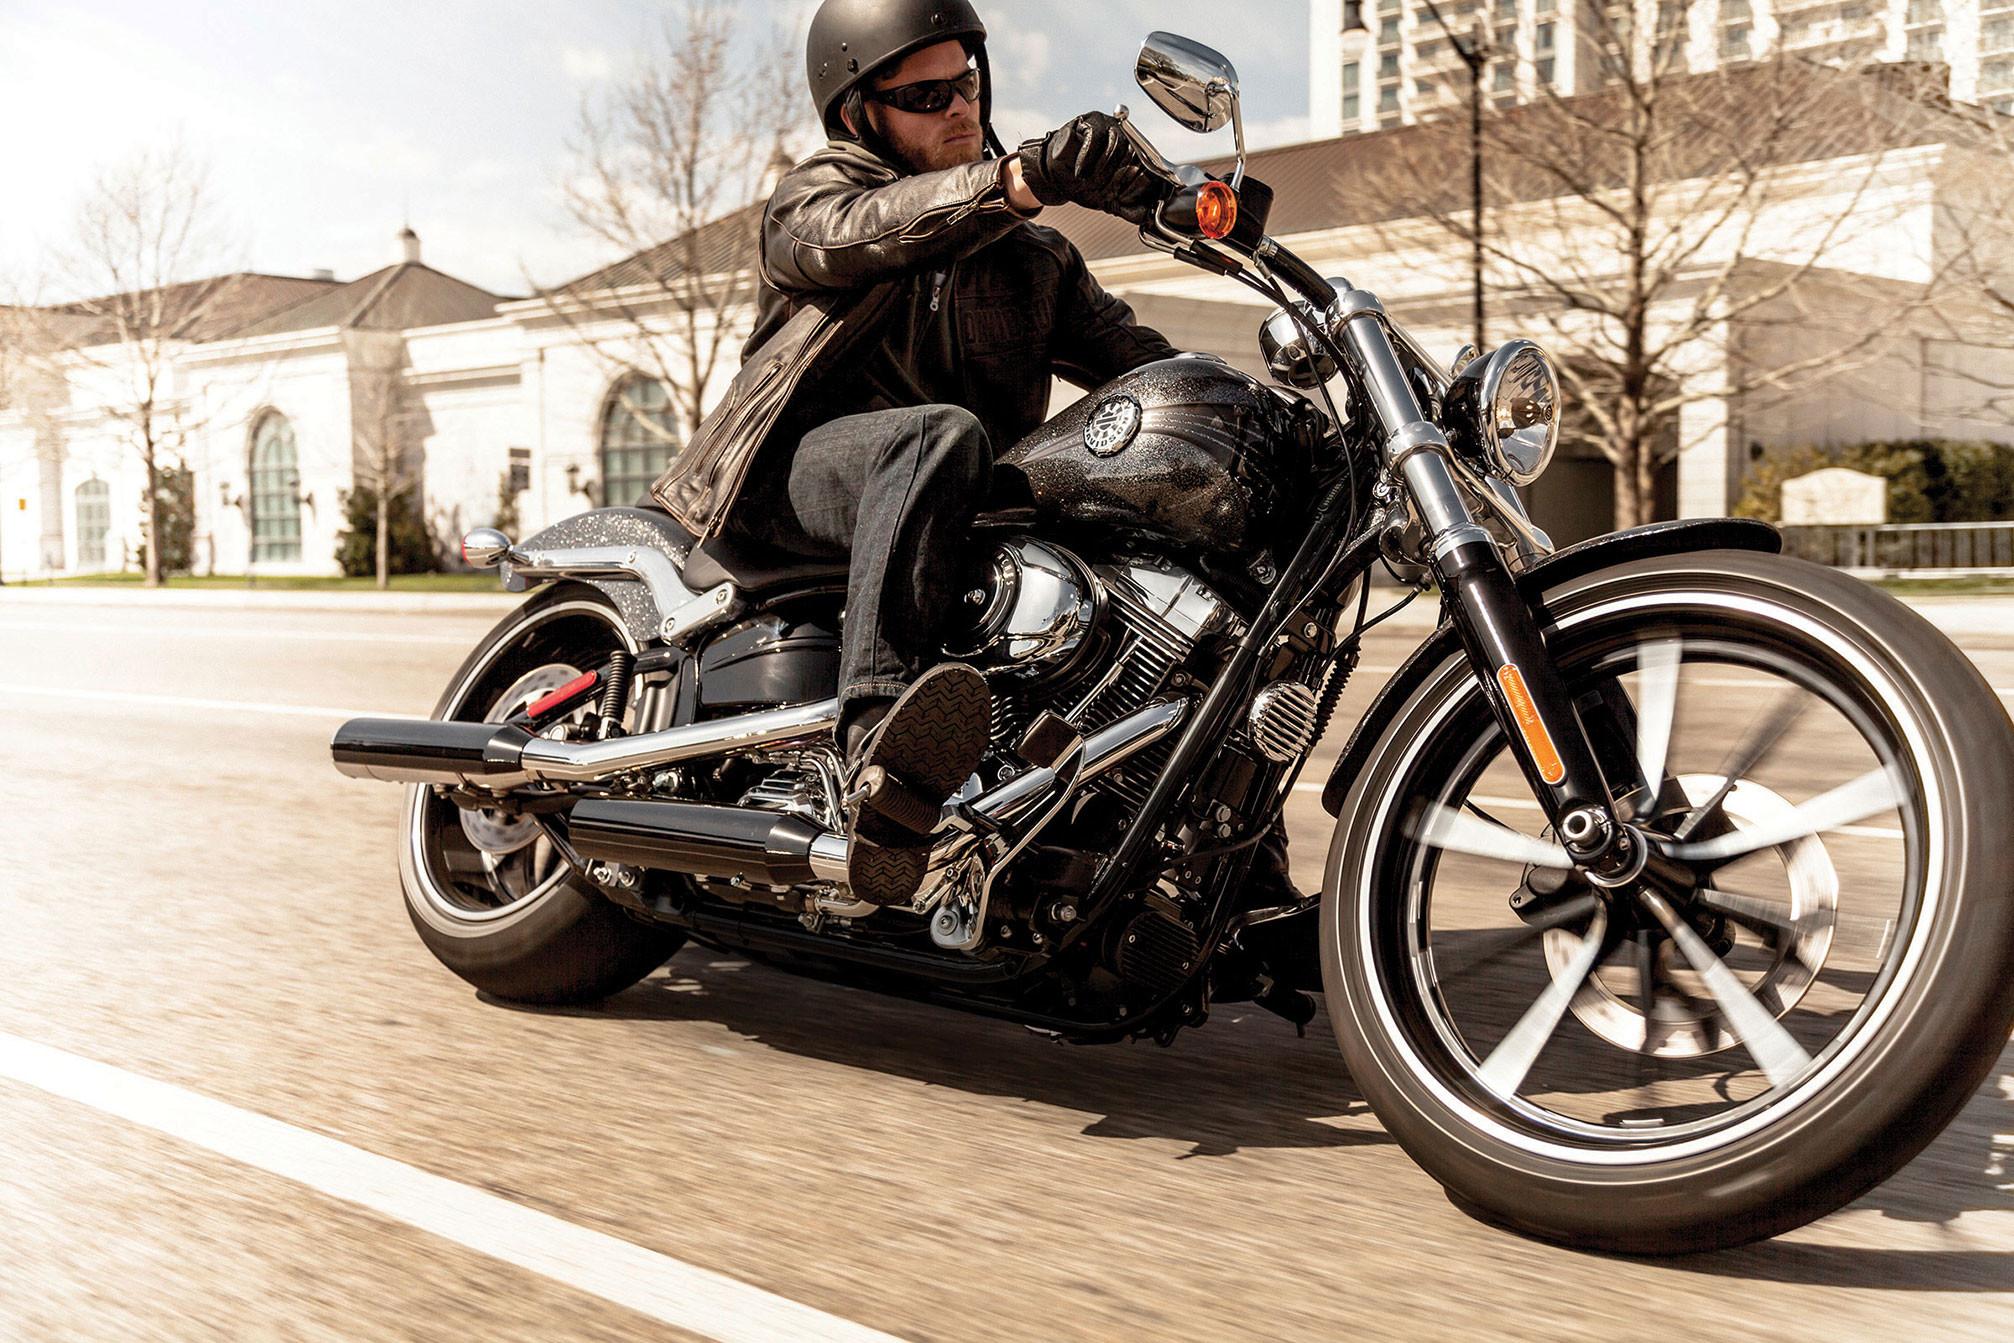 Wallpaper 2018 Harley Davidson Iron 883 69 Images